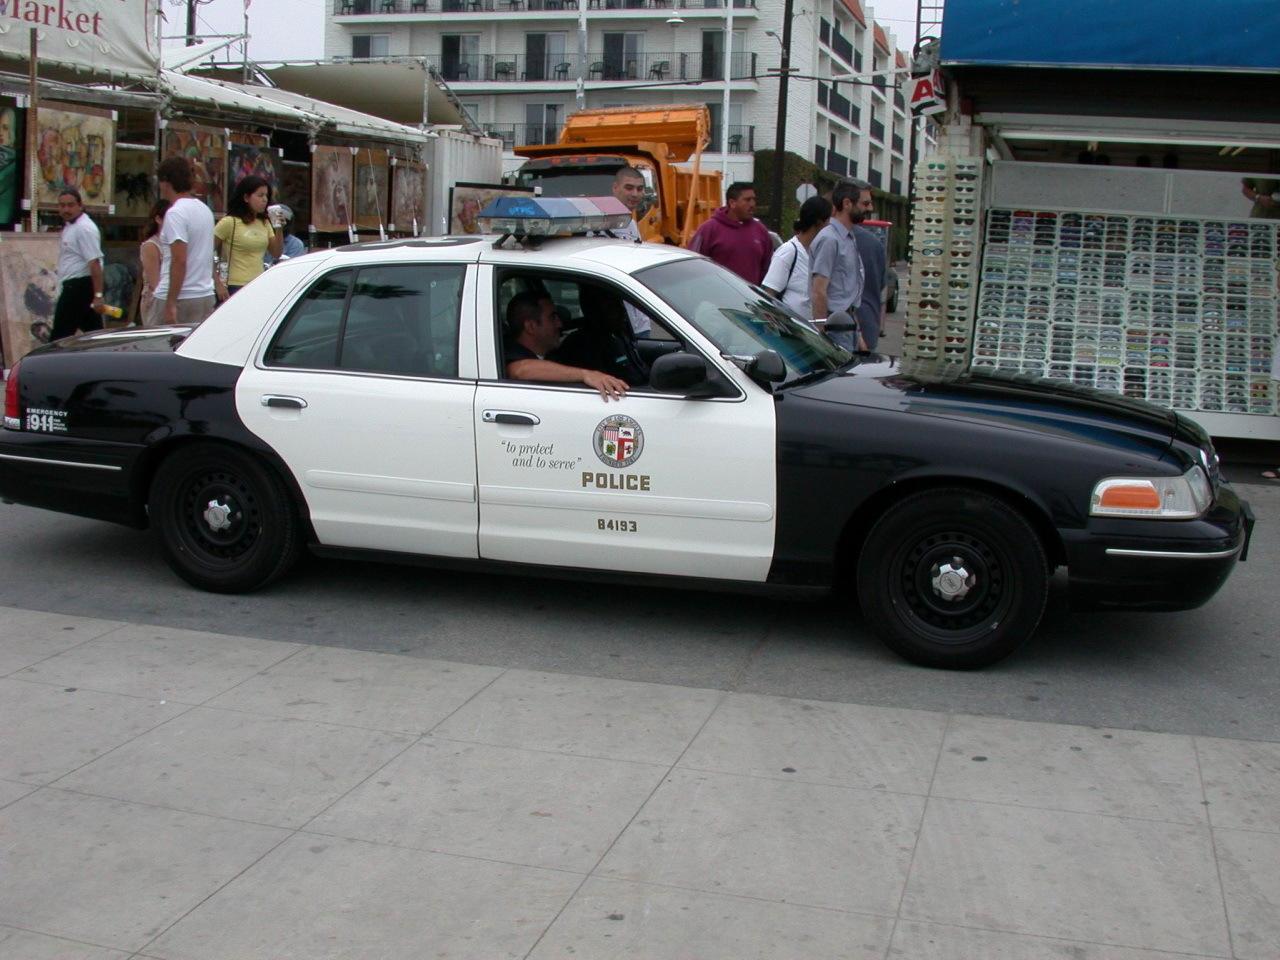 LAPD_Police_Car.jpg - 347.12 kB